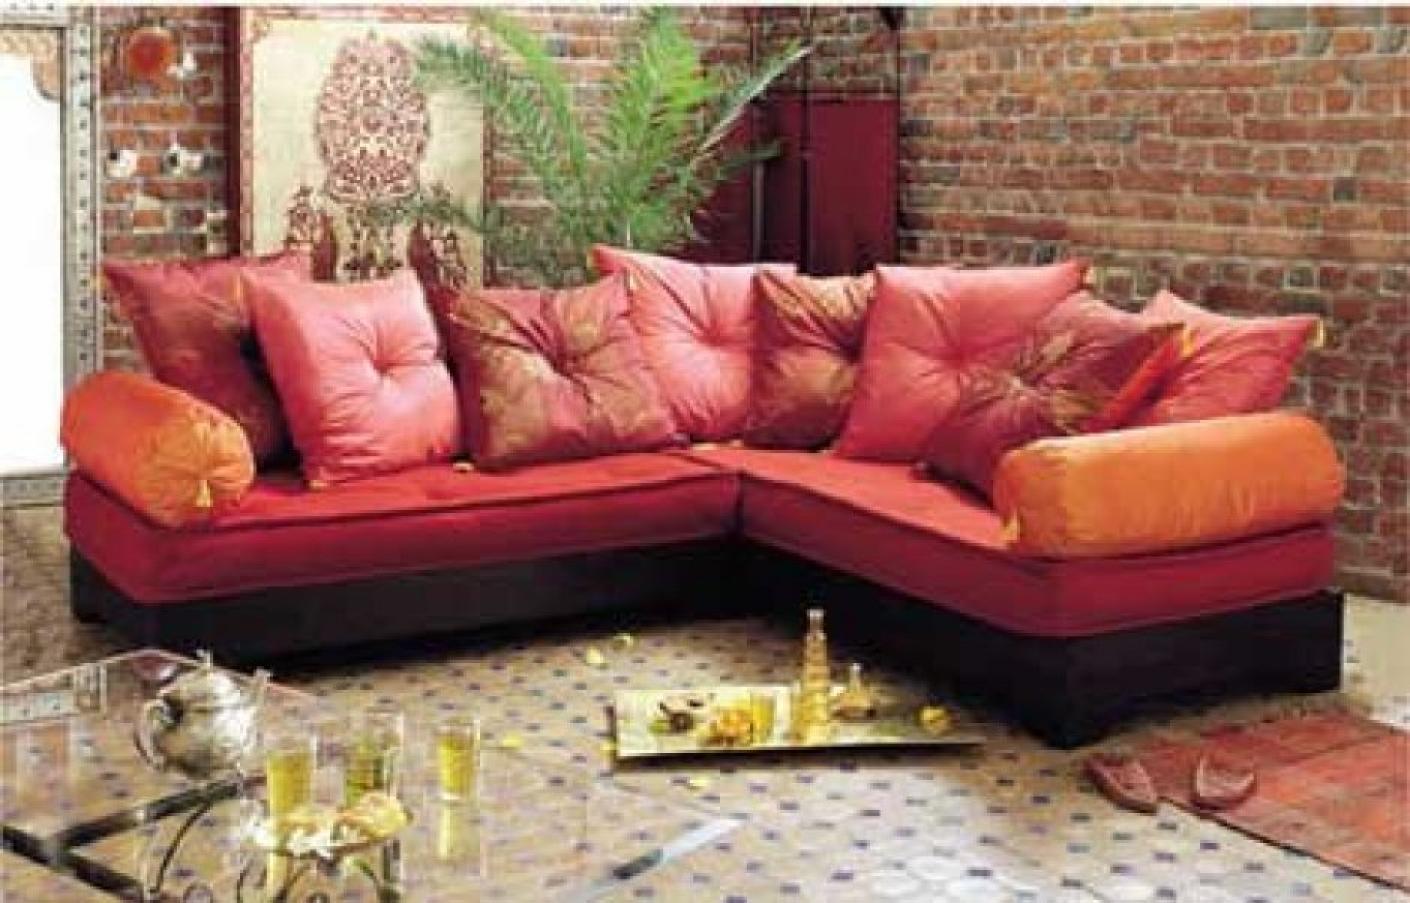 Canap orientale moderne dcoration de salon marocain moderne u comment apporter le climat - Canape oriental moderne ...